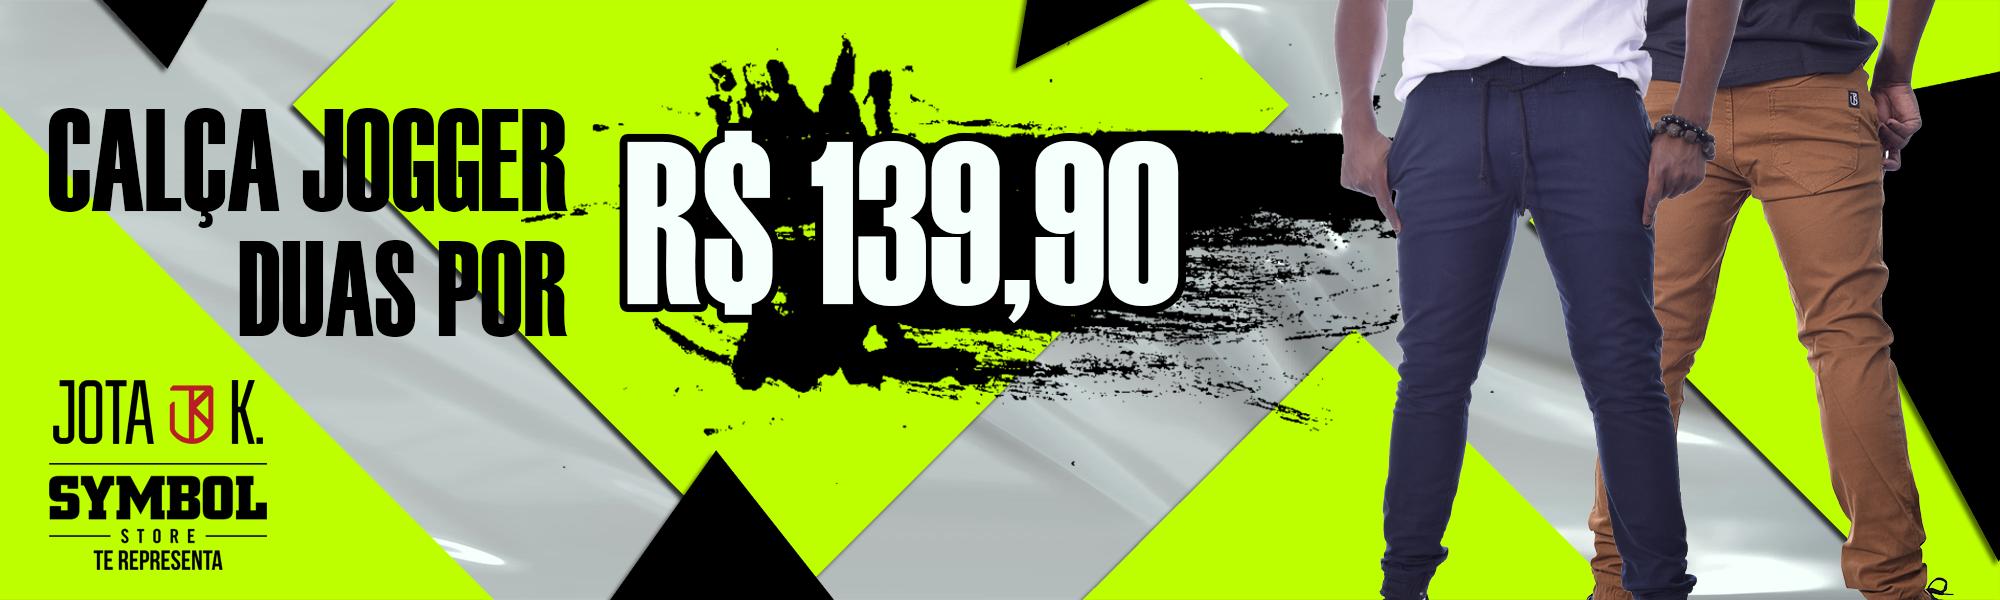 2 calças por R$ 139,90